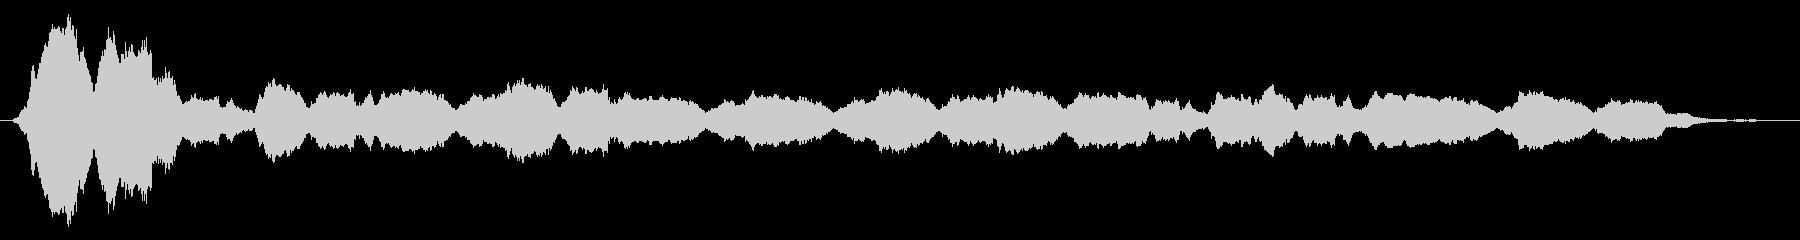 シリアス音6の未再生の波形